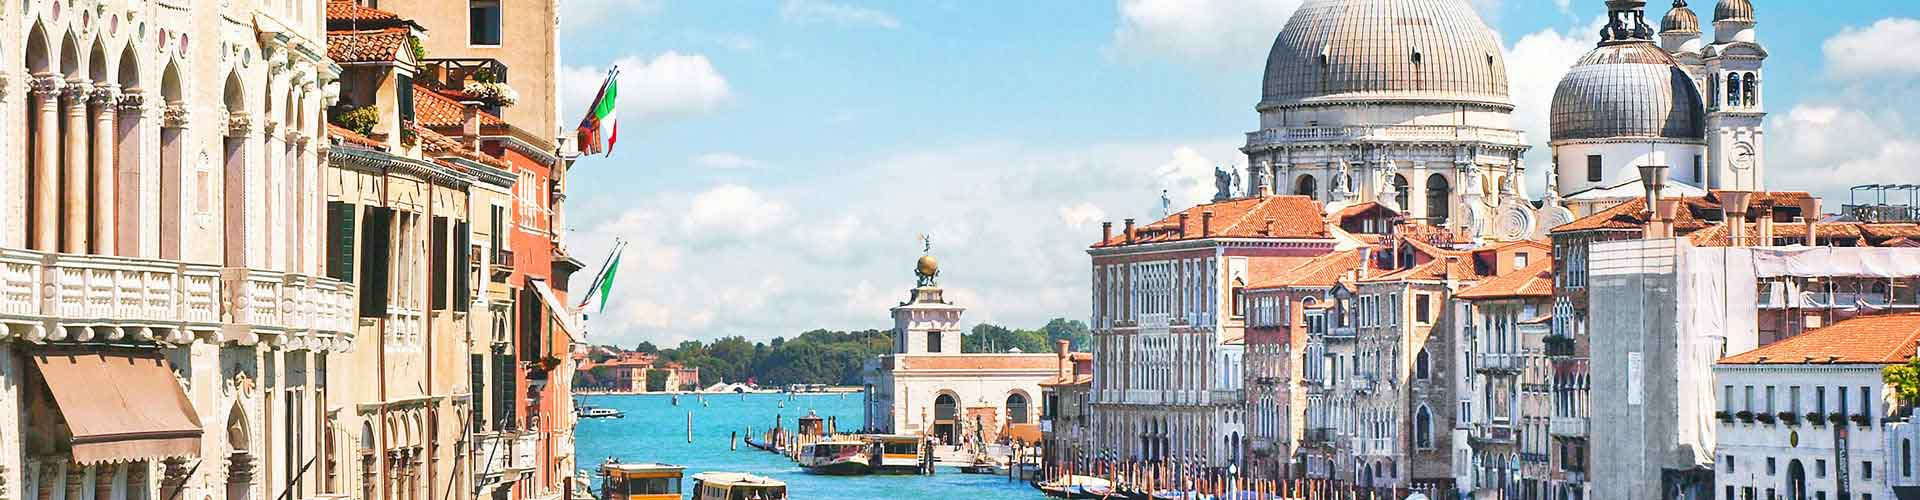 Venise - Auberges de jeunesse près de Eglise de San Giorgio Maggiore. Cartes pour Venise, photos et commentaires pour chaque auberge de jeunesse à Venise.